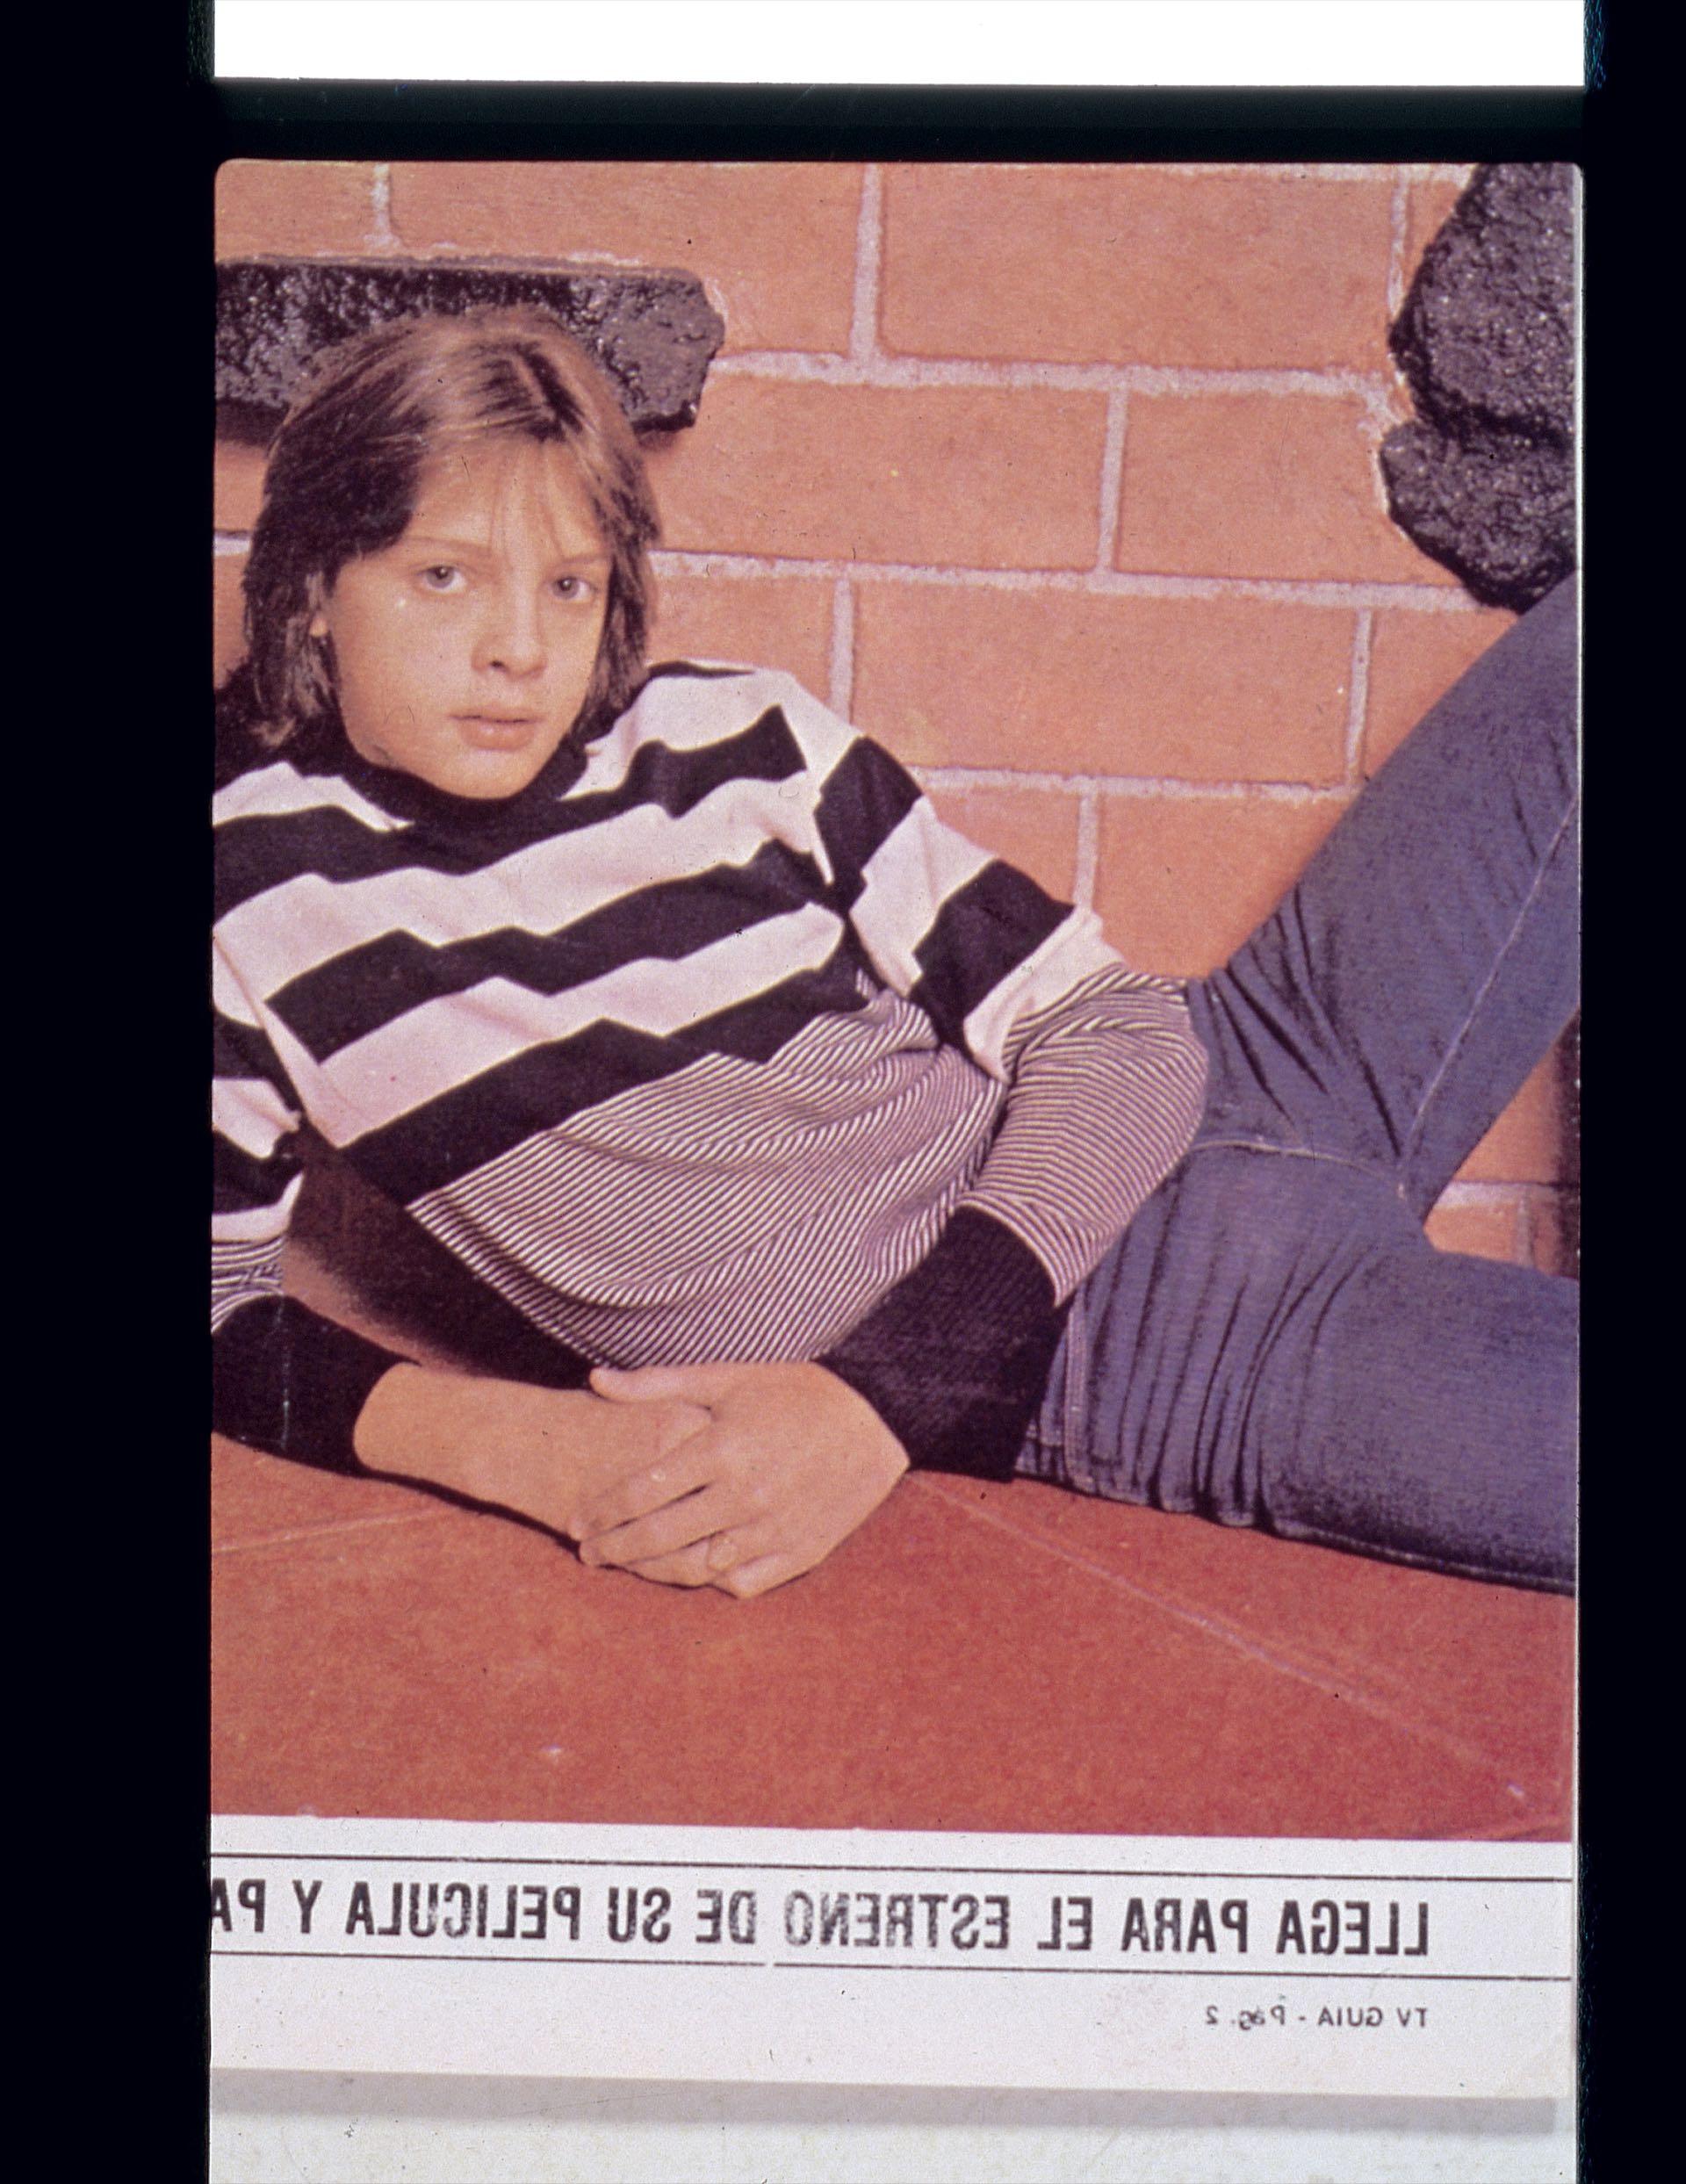 Una estrella en pleno crecimiento, Luis Miguel a sus 13 años